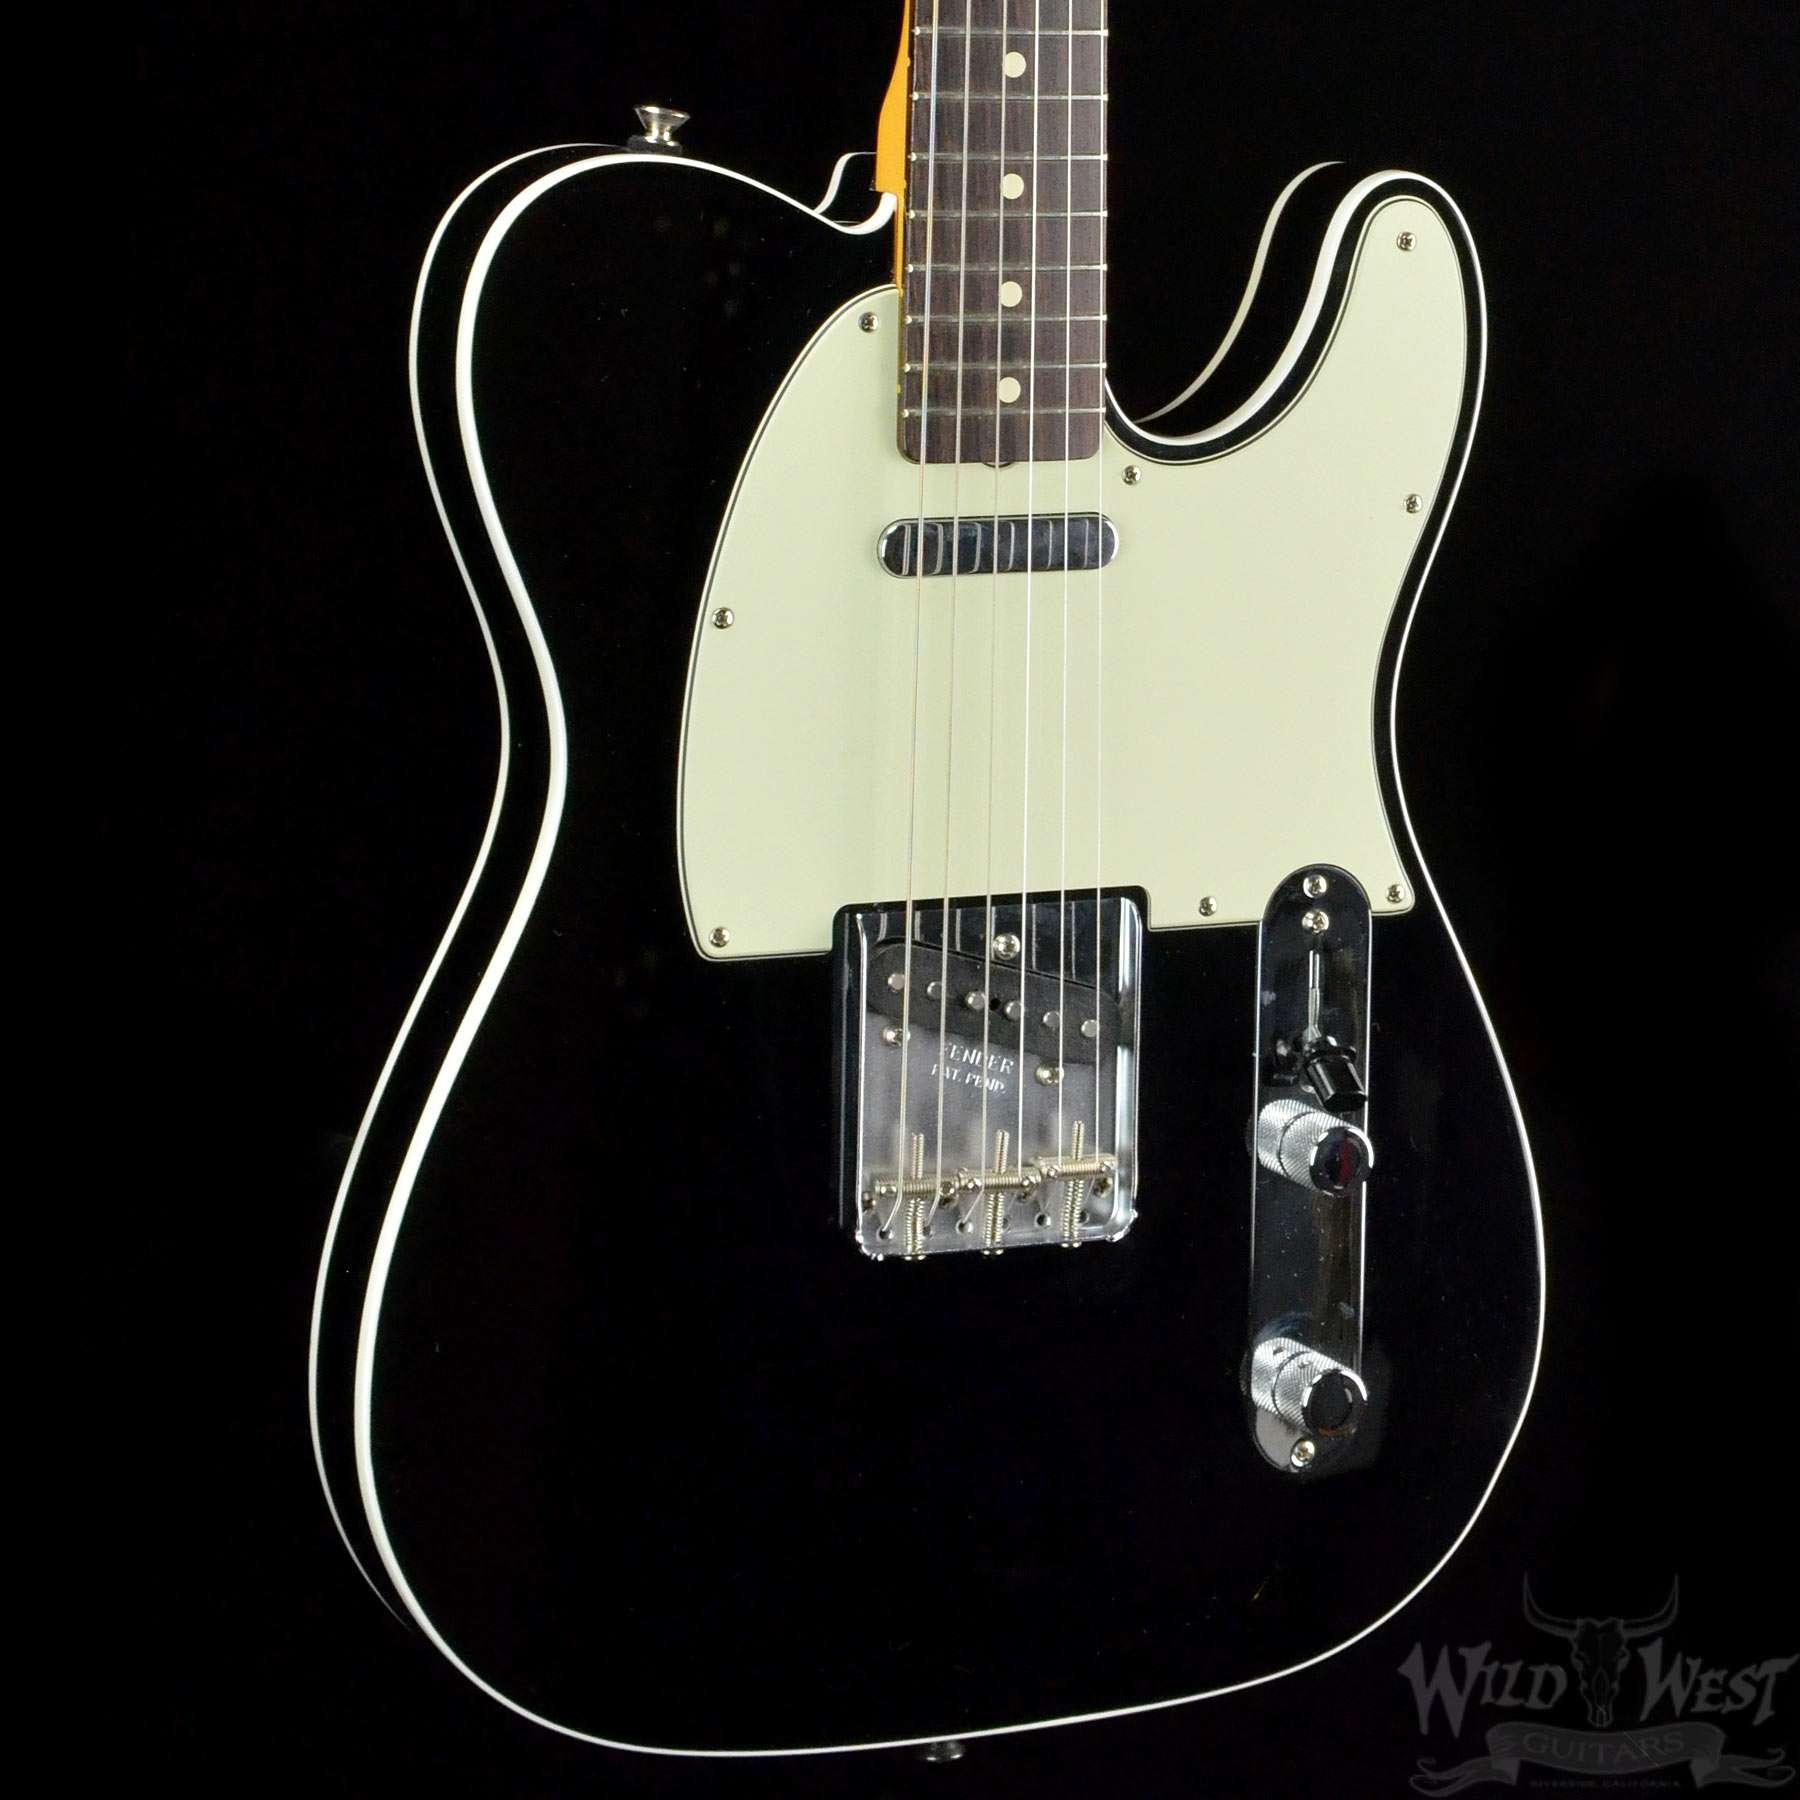 2011 Fender 1962 American Vintage Telecaster Black